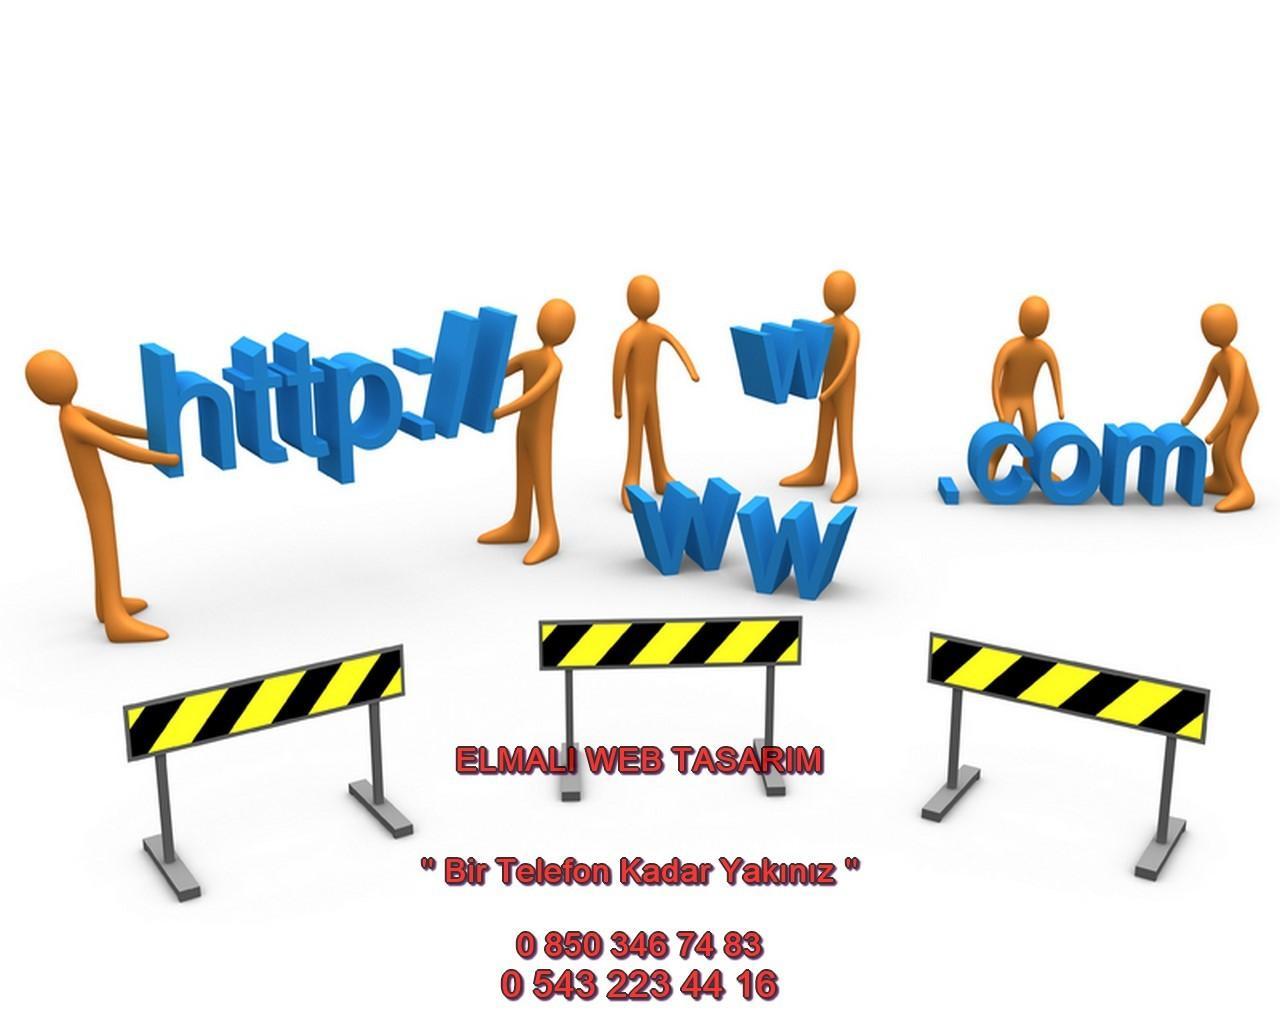 Elmalı Web Tasarım